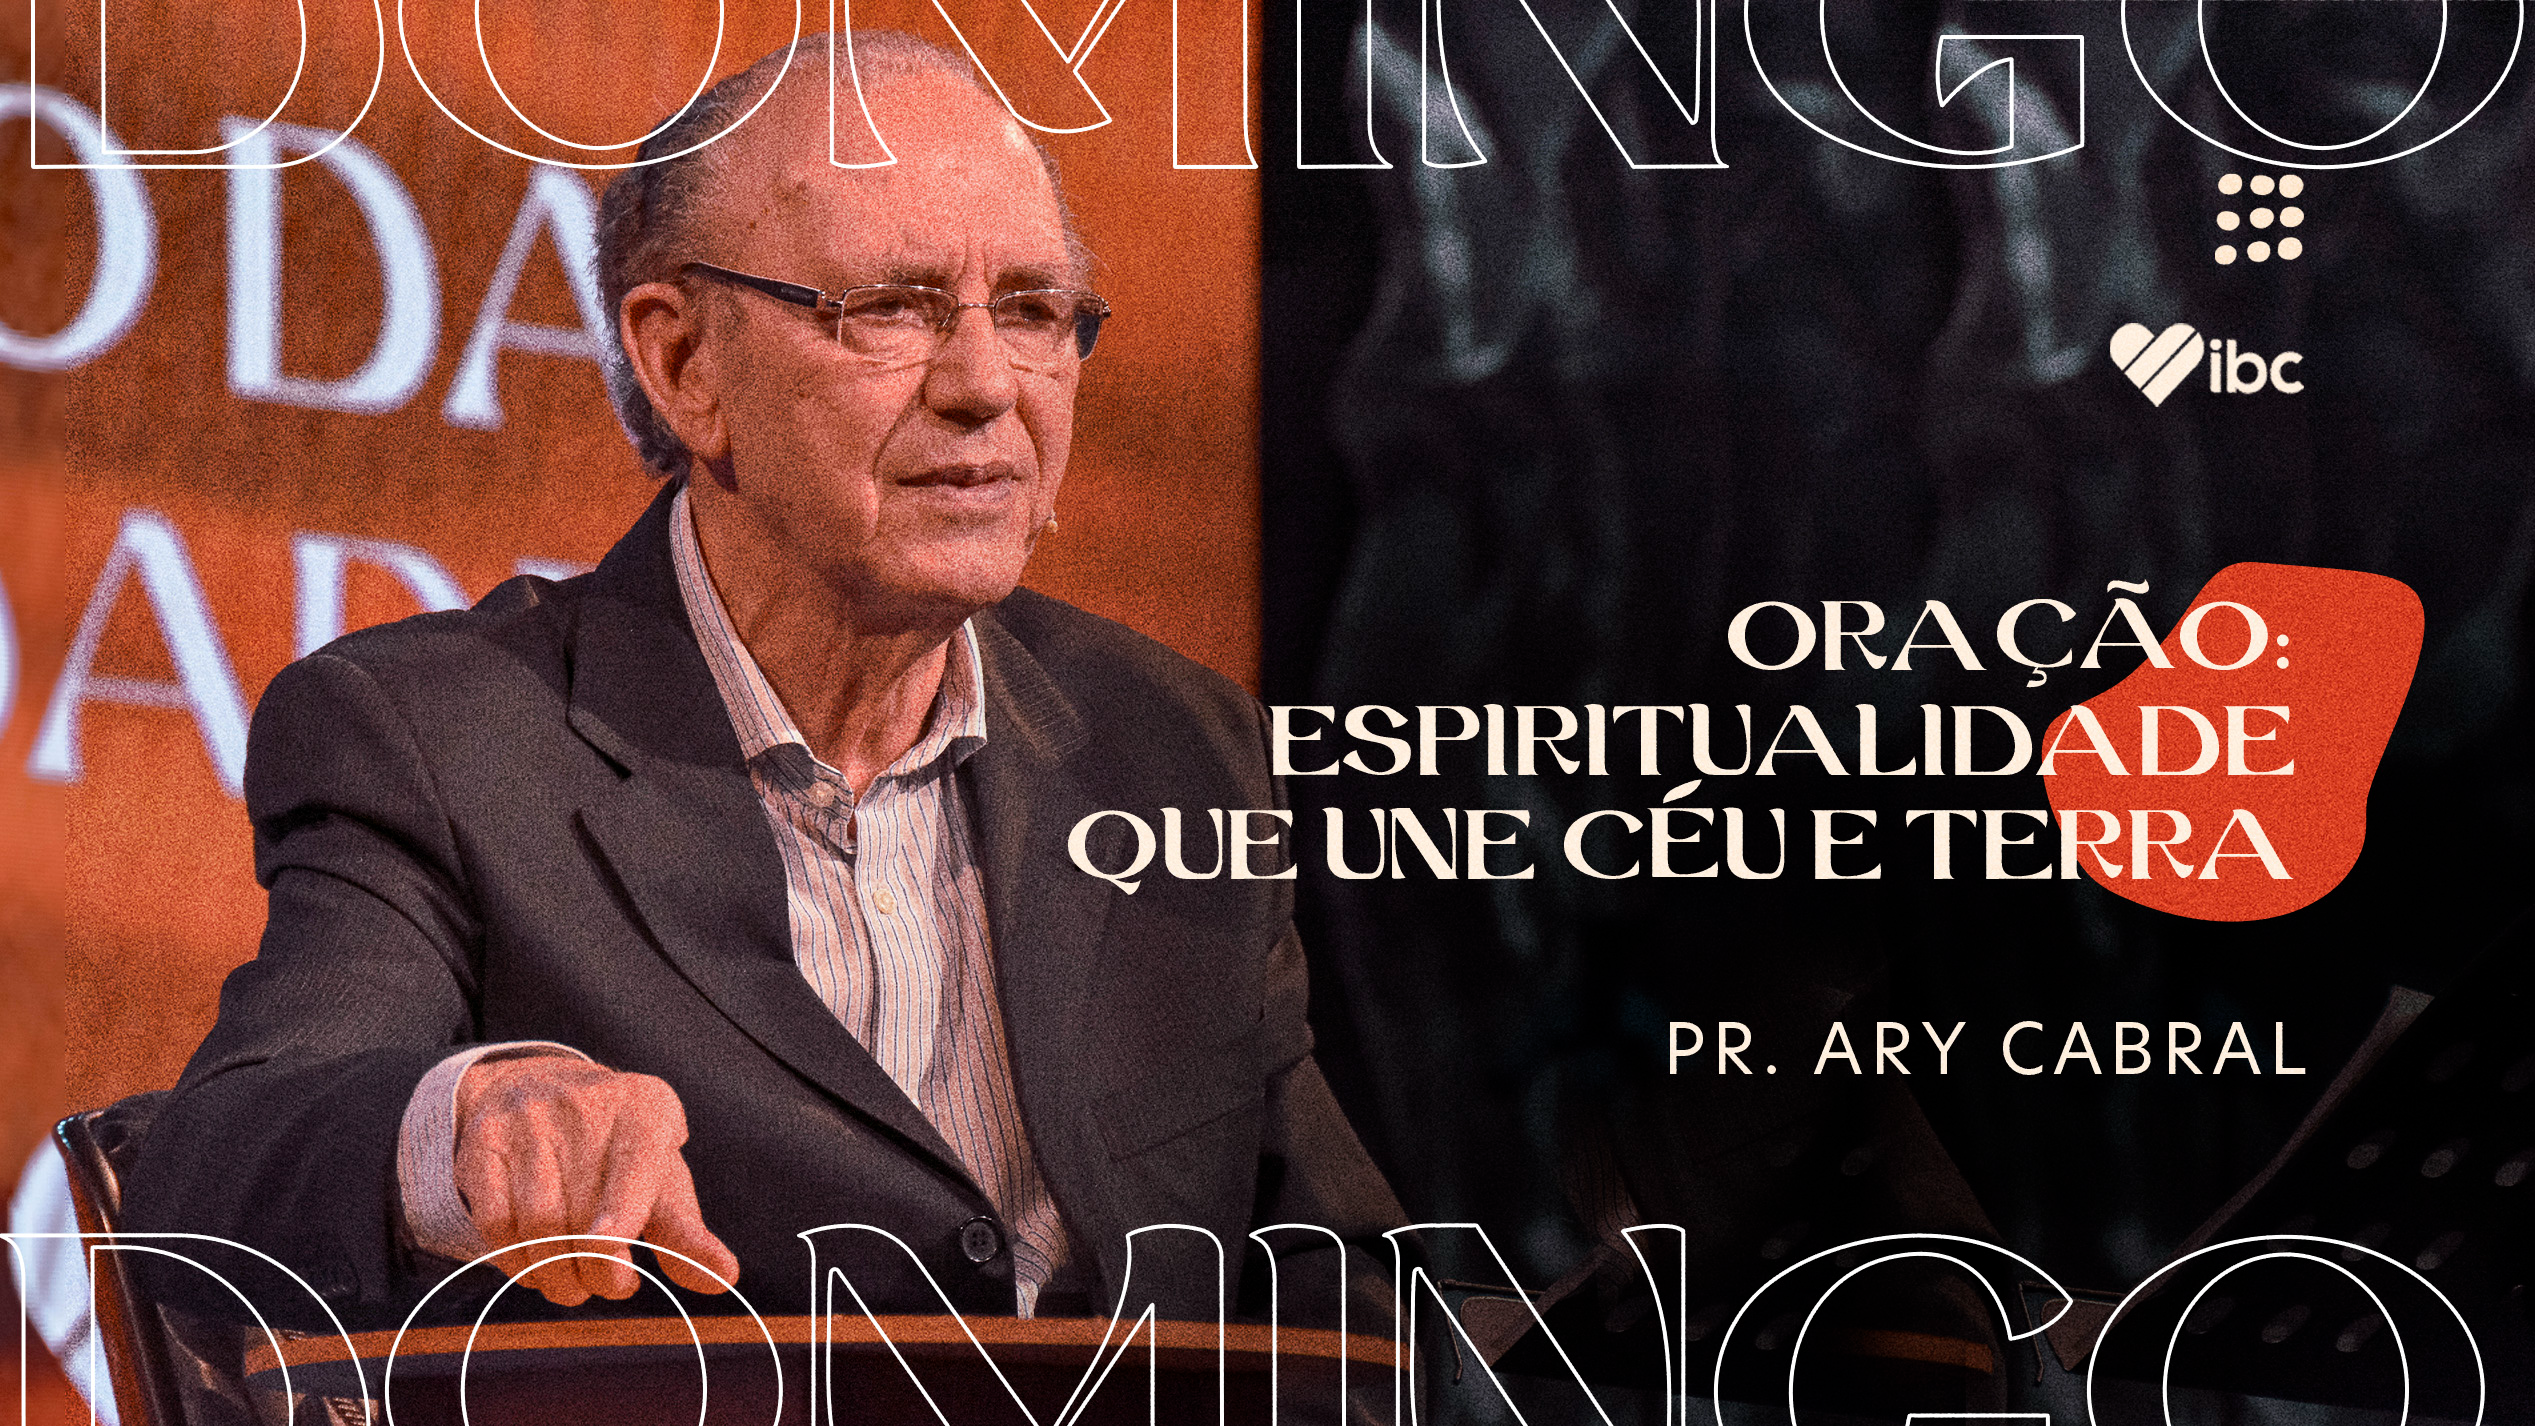 ORAÇÃO: Espiritualidade que une céu e terra